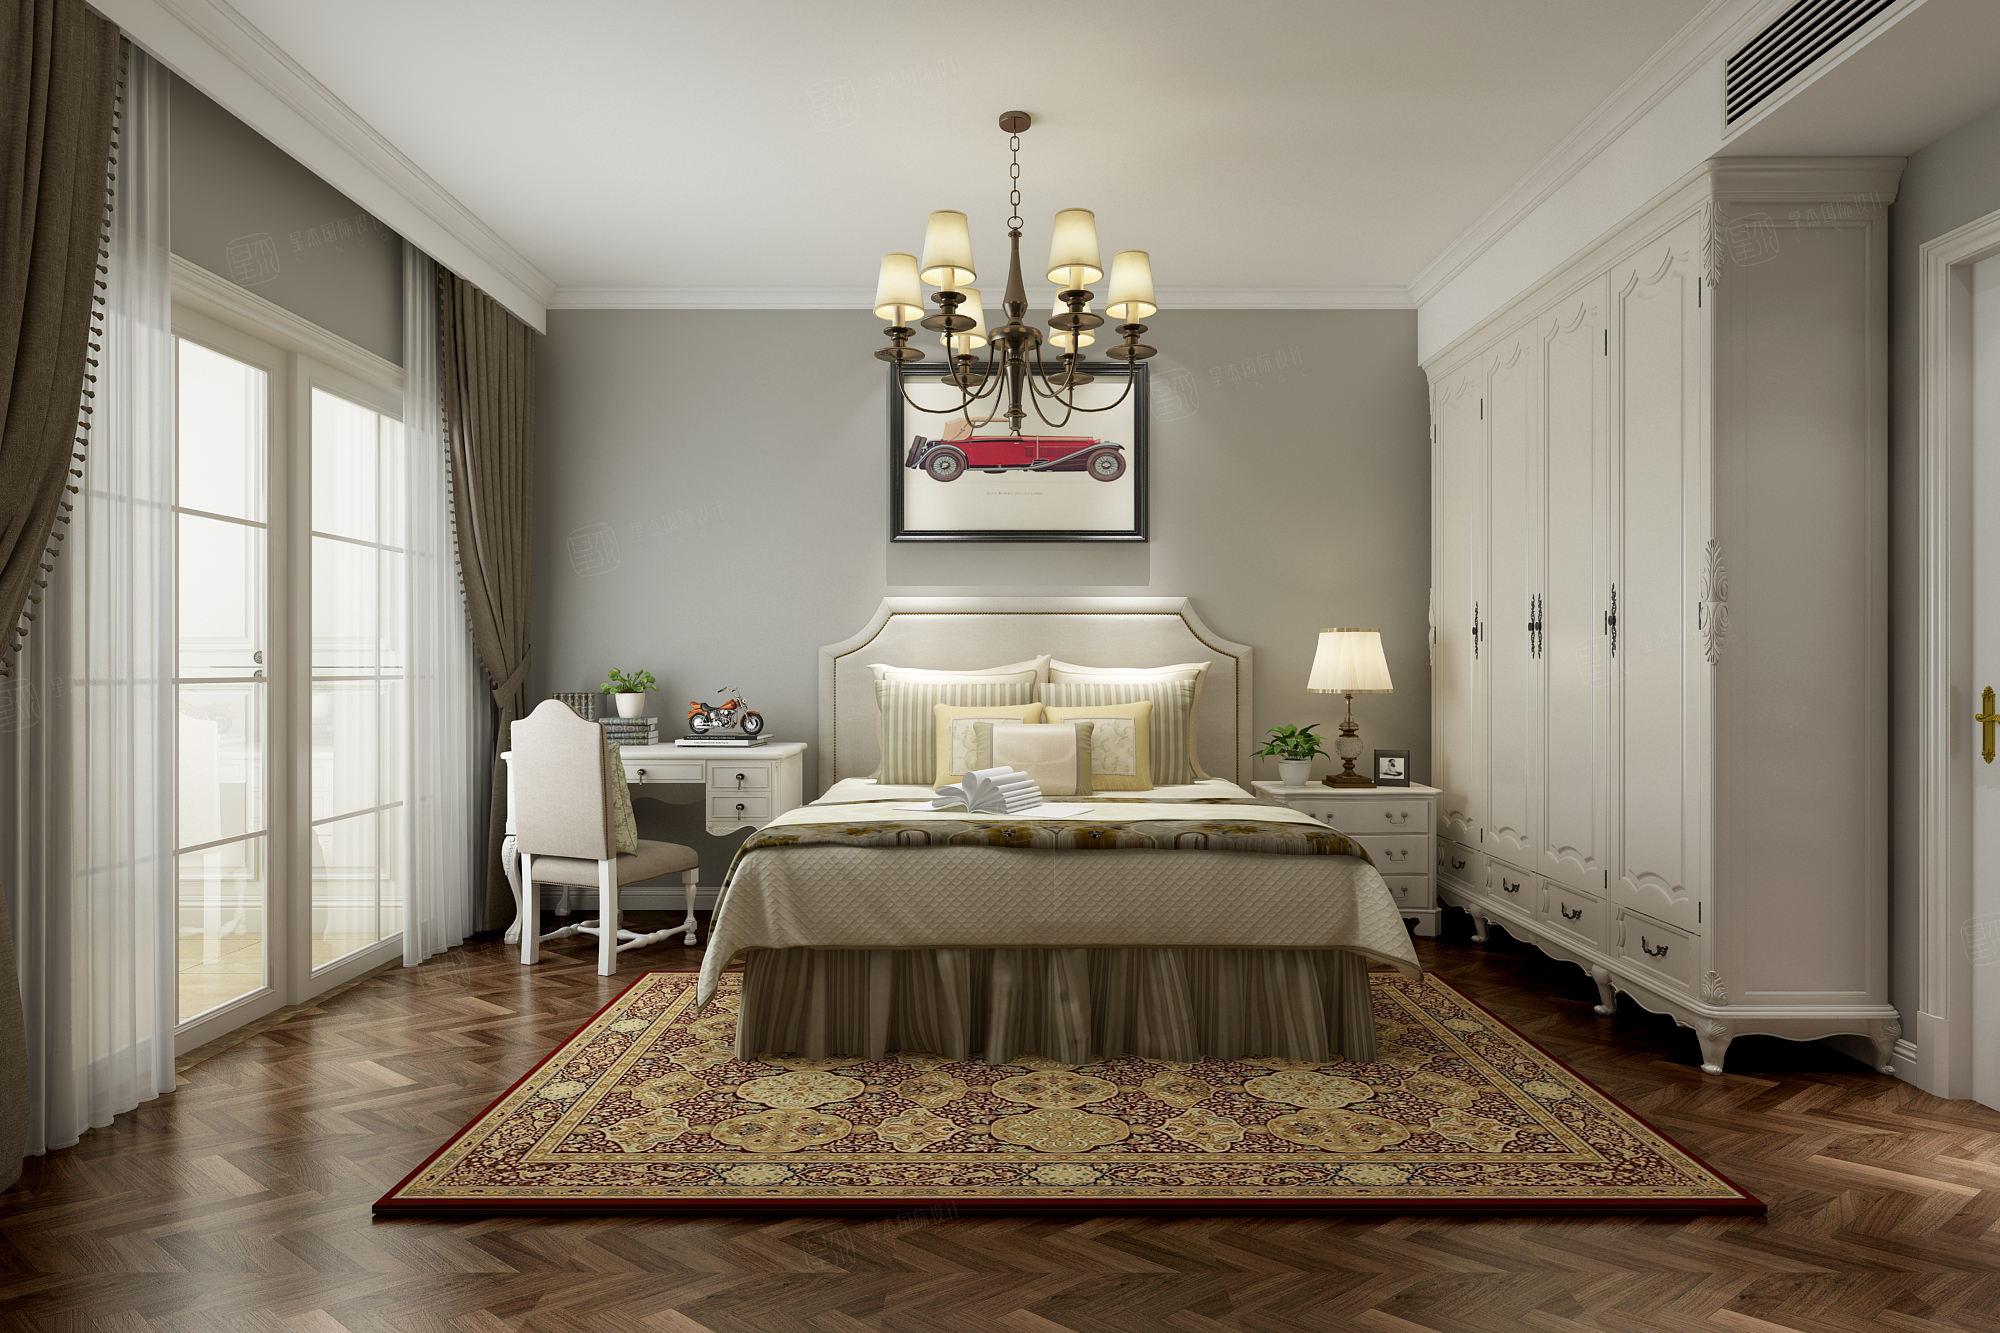 中金海棠湾 美式装修卧室效果图